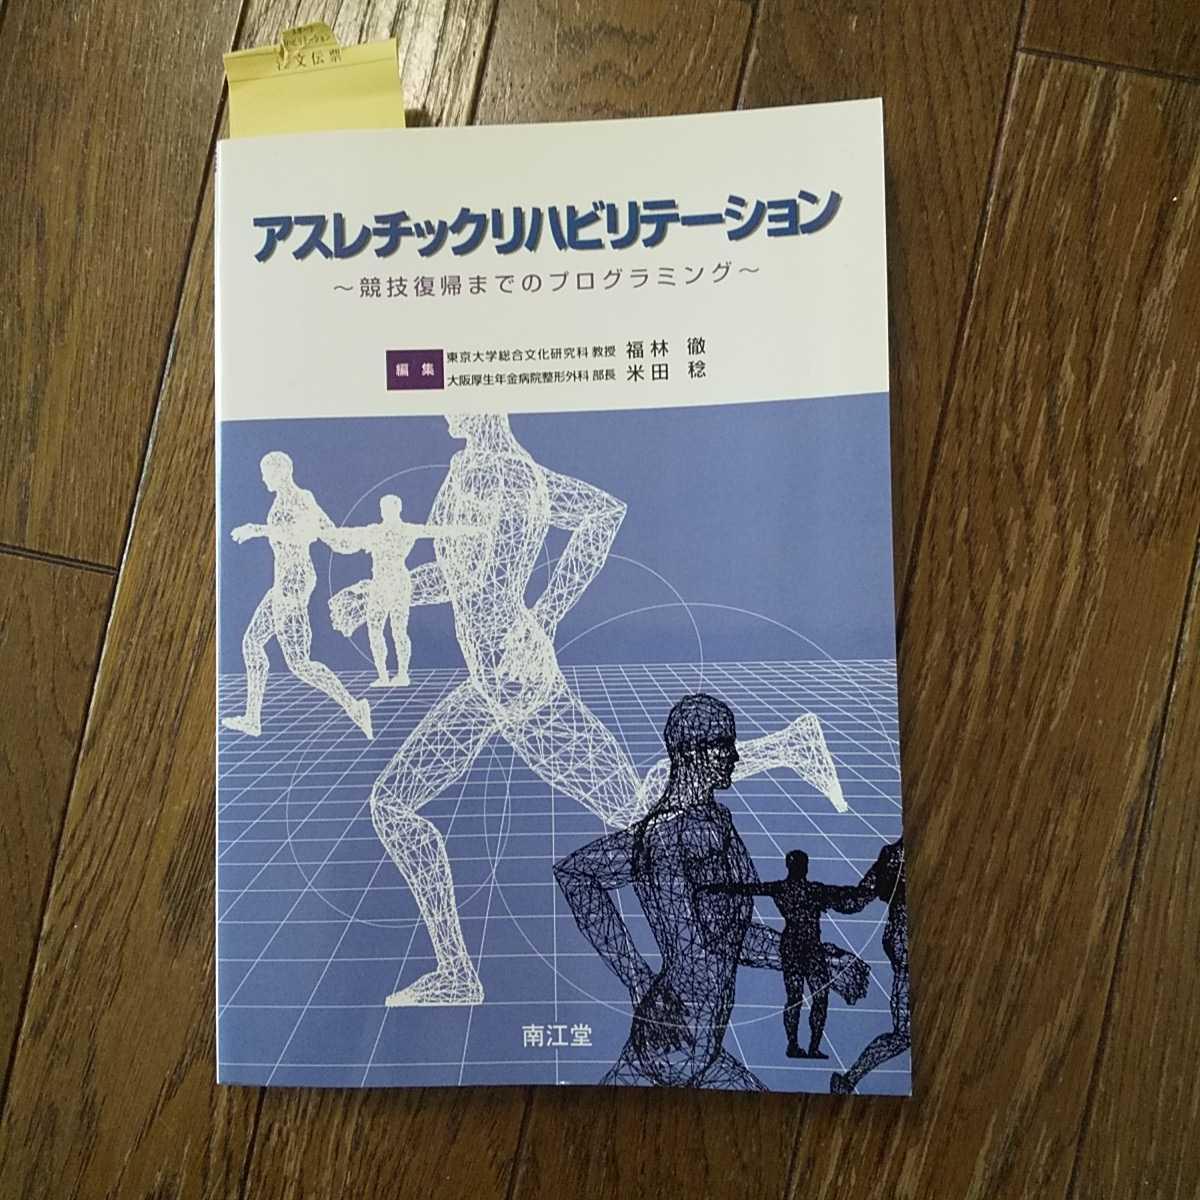 ☆アスレティックリハビリステーション☆アスレチックトレーナー☆スポーツトレーナー☆定価5600円_画像1